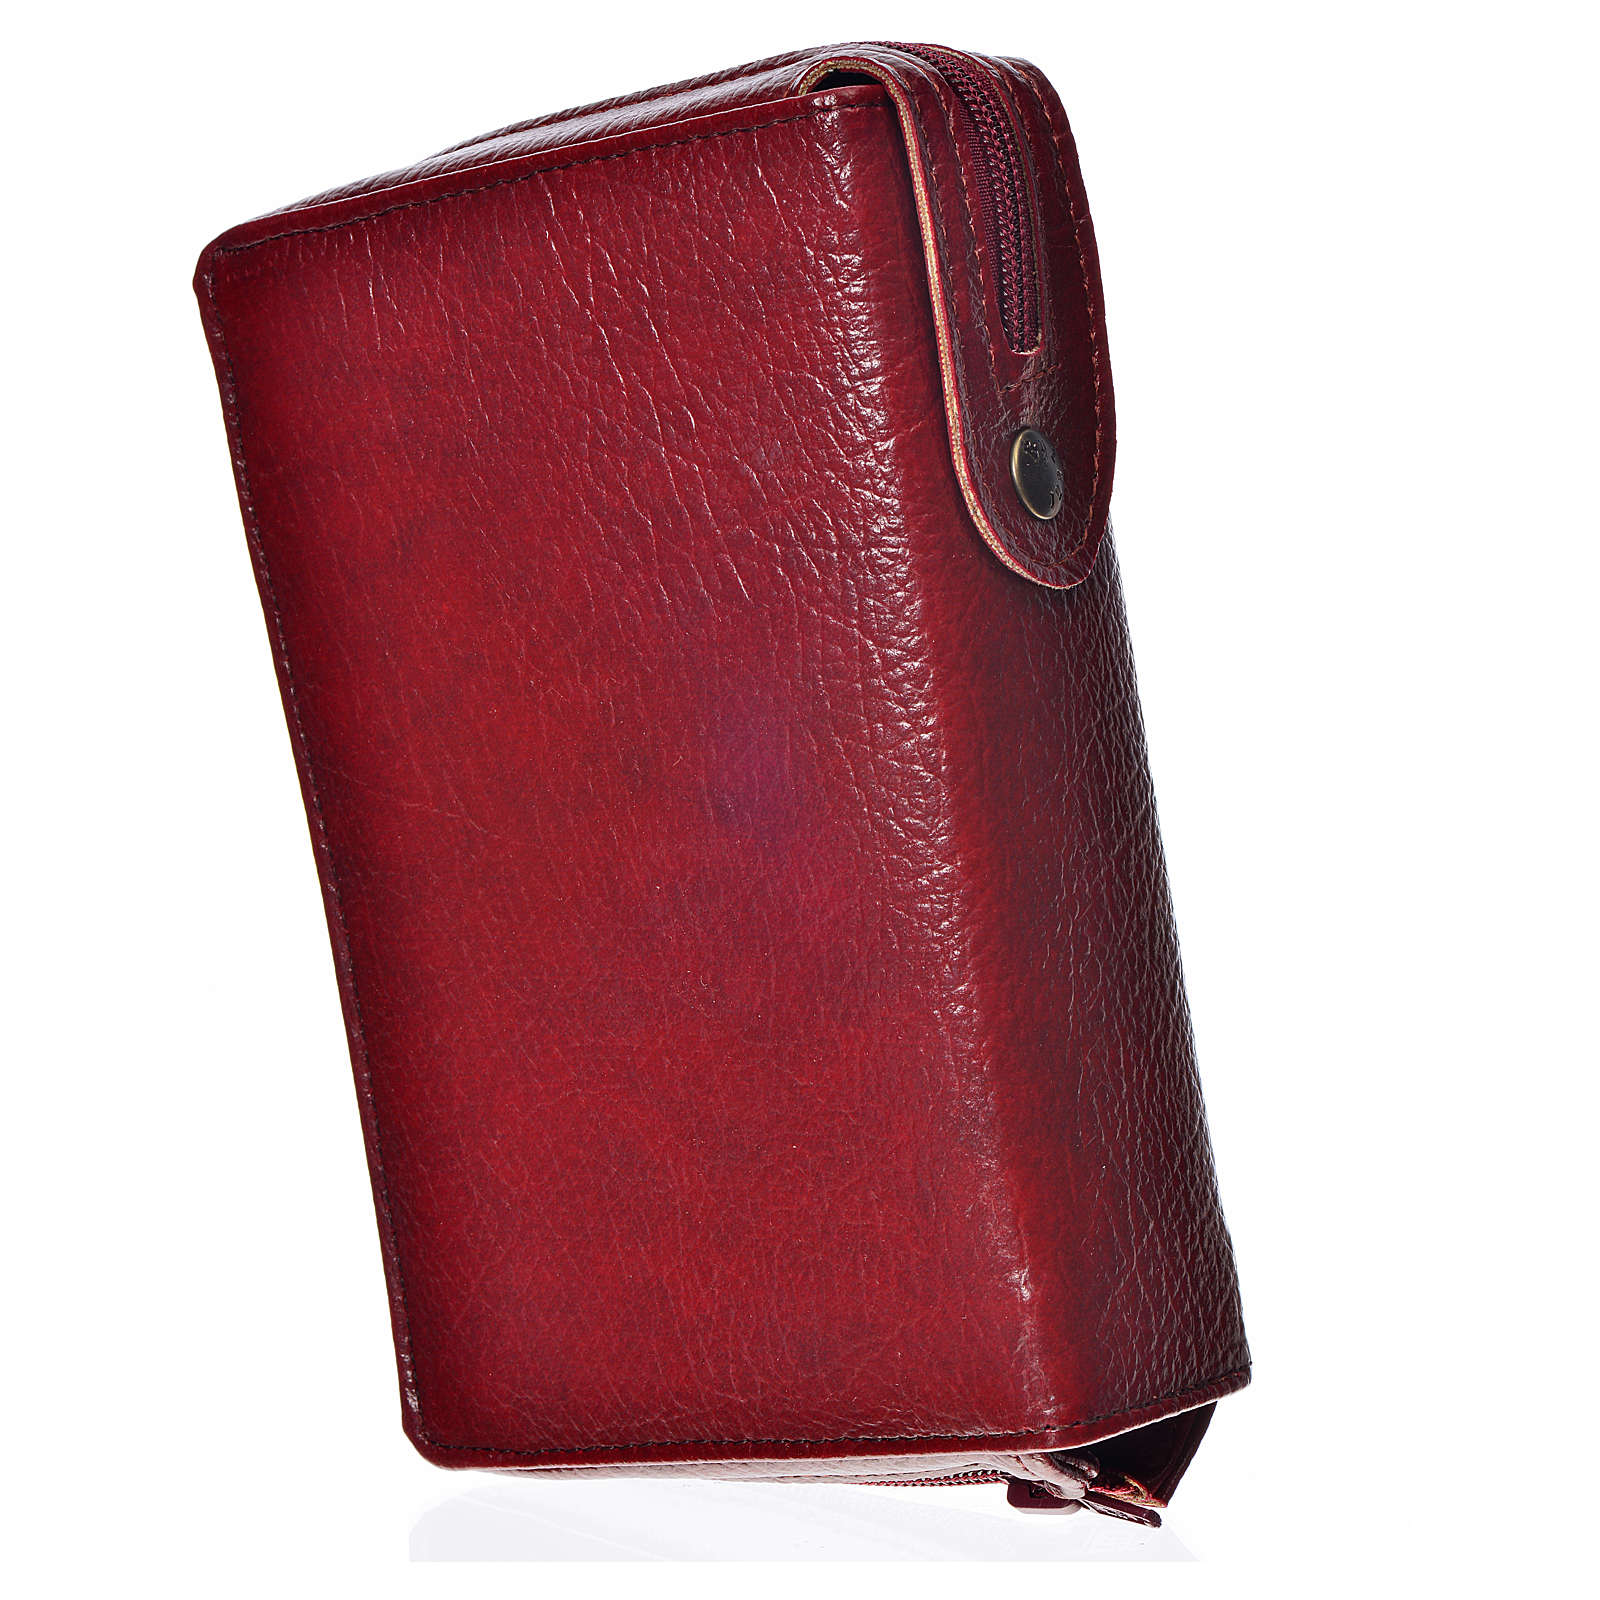 Funda Sagrada Biblia CEE Ed. Pop. burdeos Virgen simil cuero 4